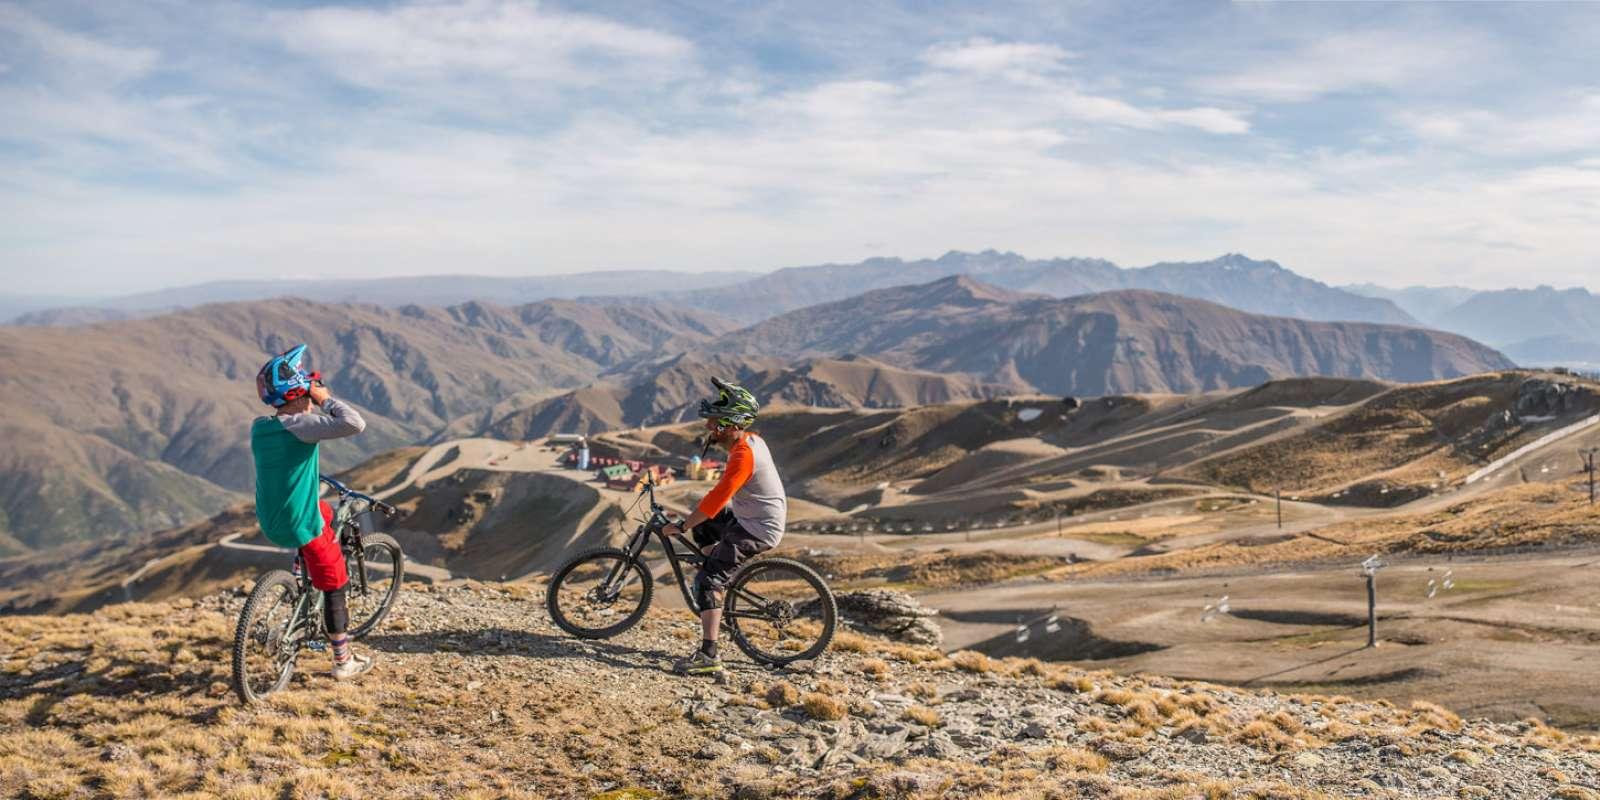 Mountain biking at Cardrona Alpine Resort near Queenstown in New Zealand